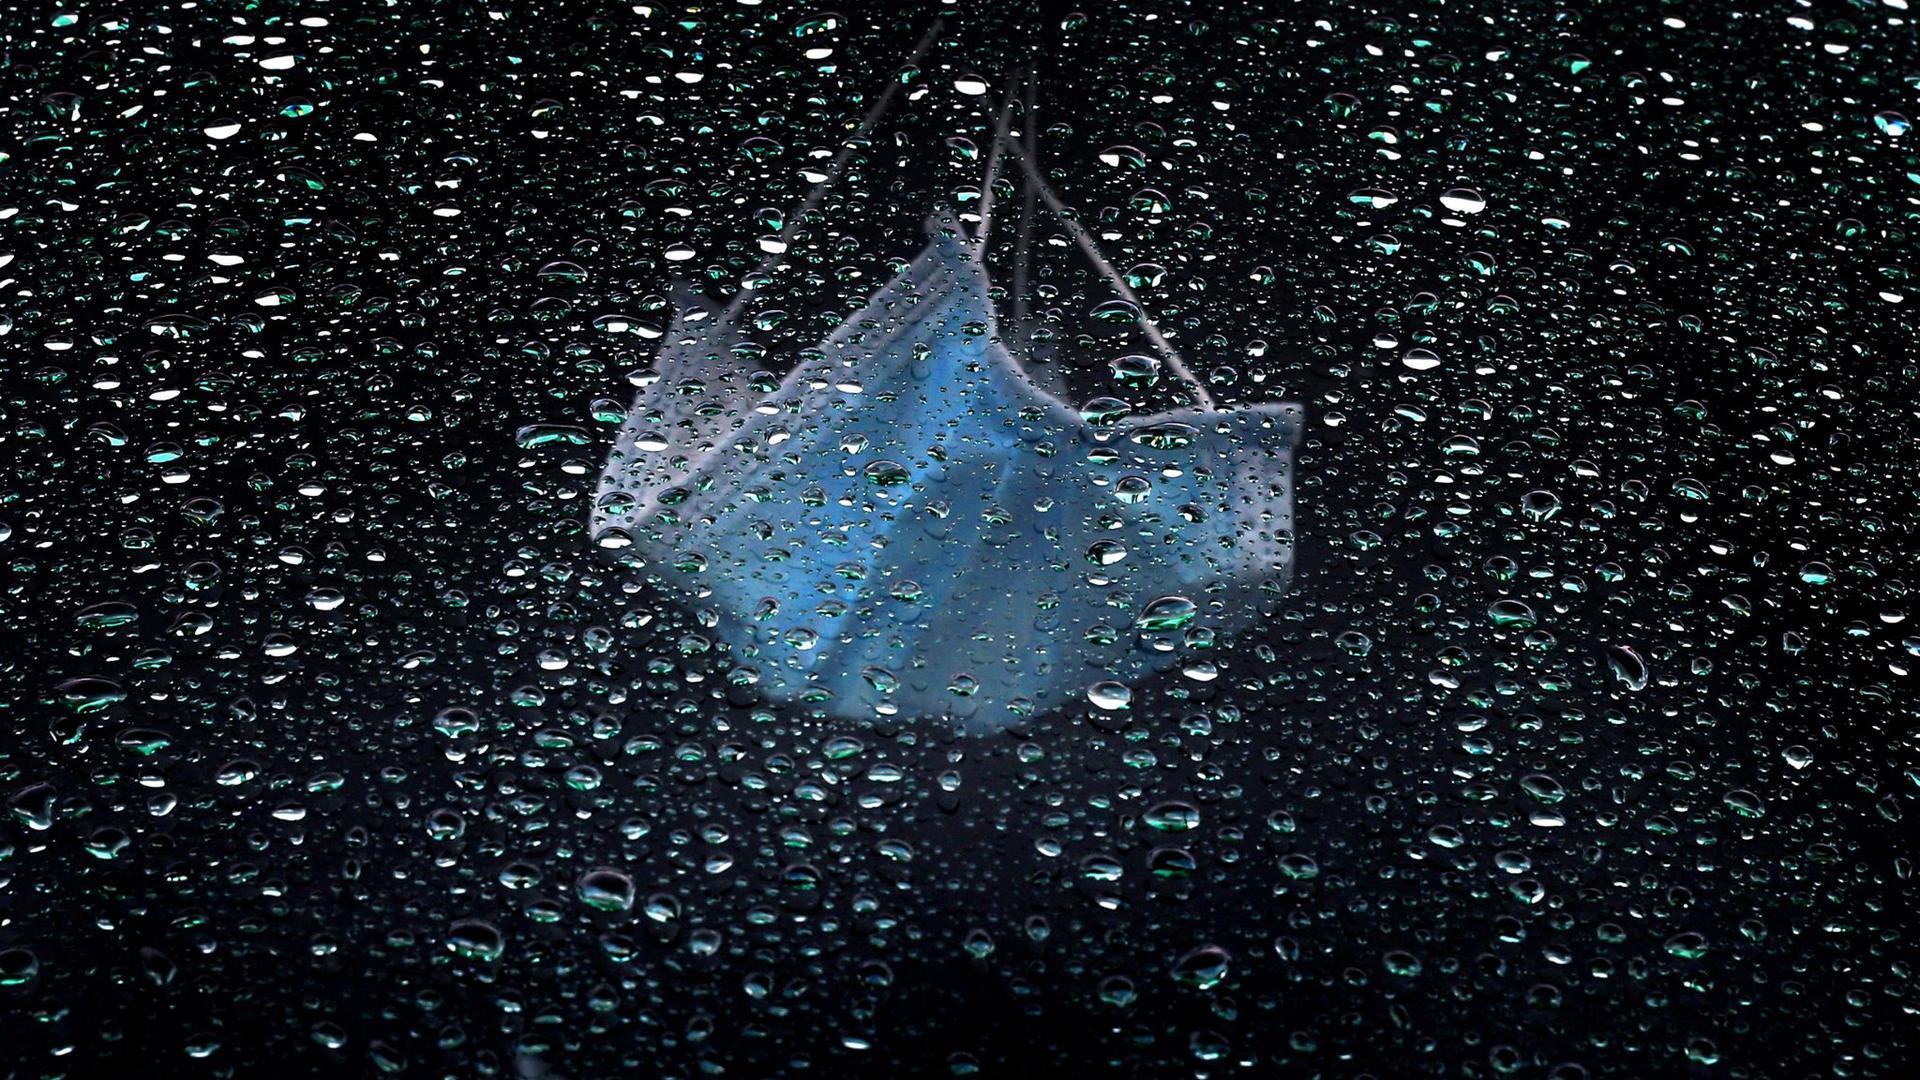 Ein medizinischer Mundschutz hängt am Rückspiegel eines im Regen parkenden Autos.